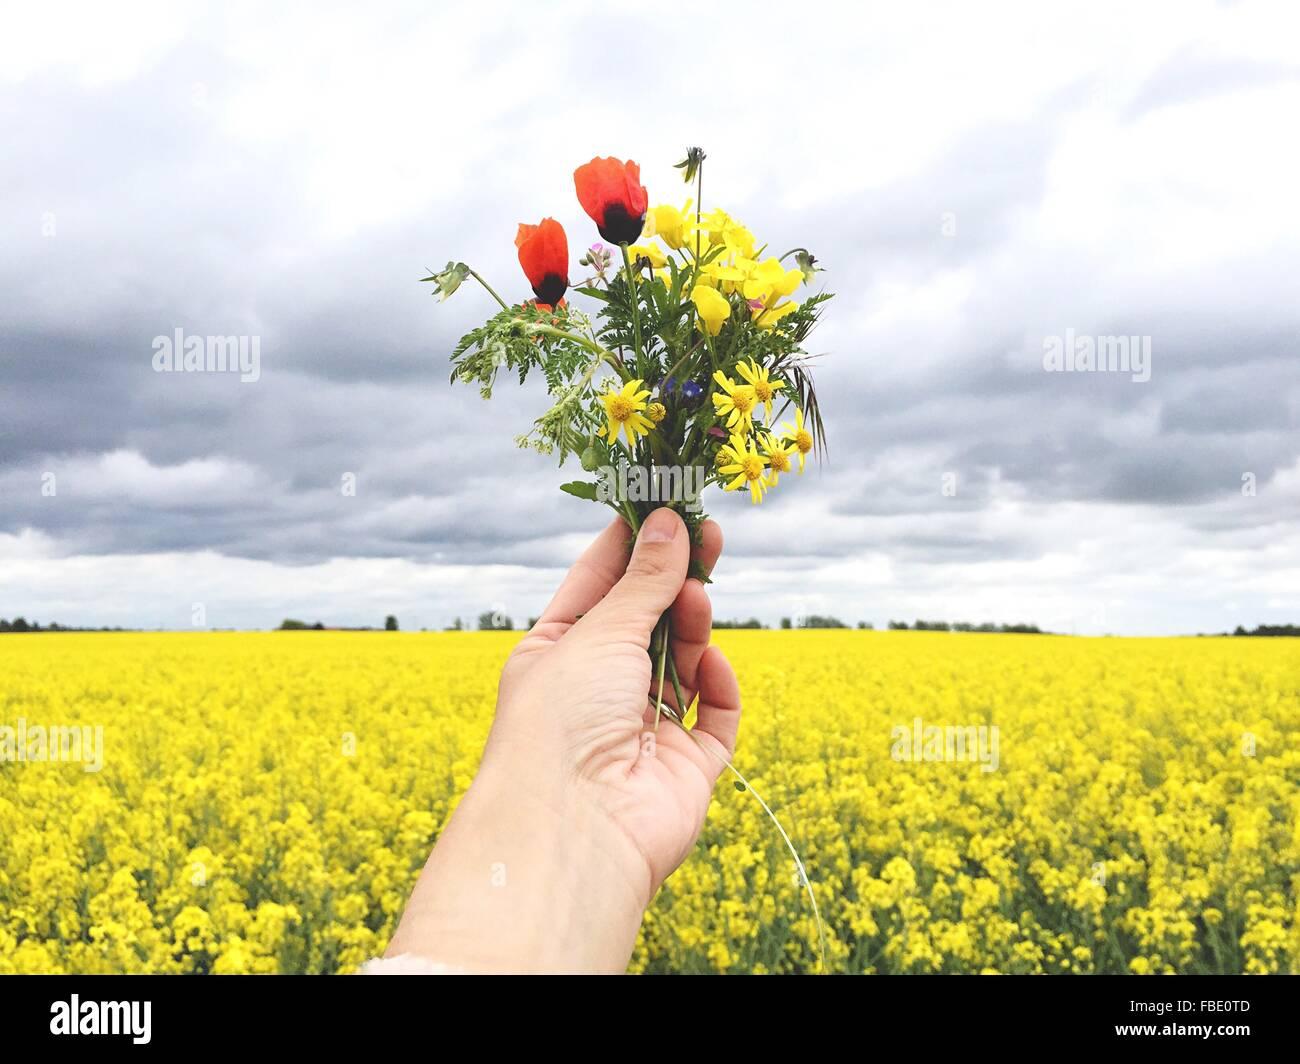 Recorta mano sosteniendo flores multicolores contra Raps Campo Foto de stock